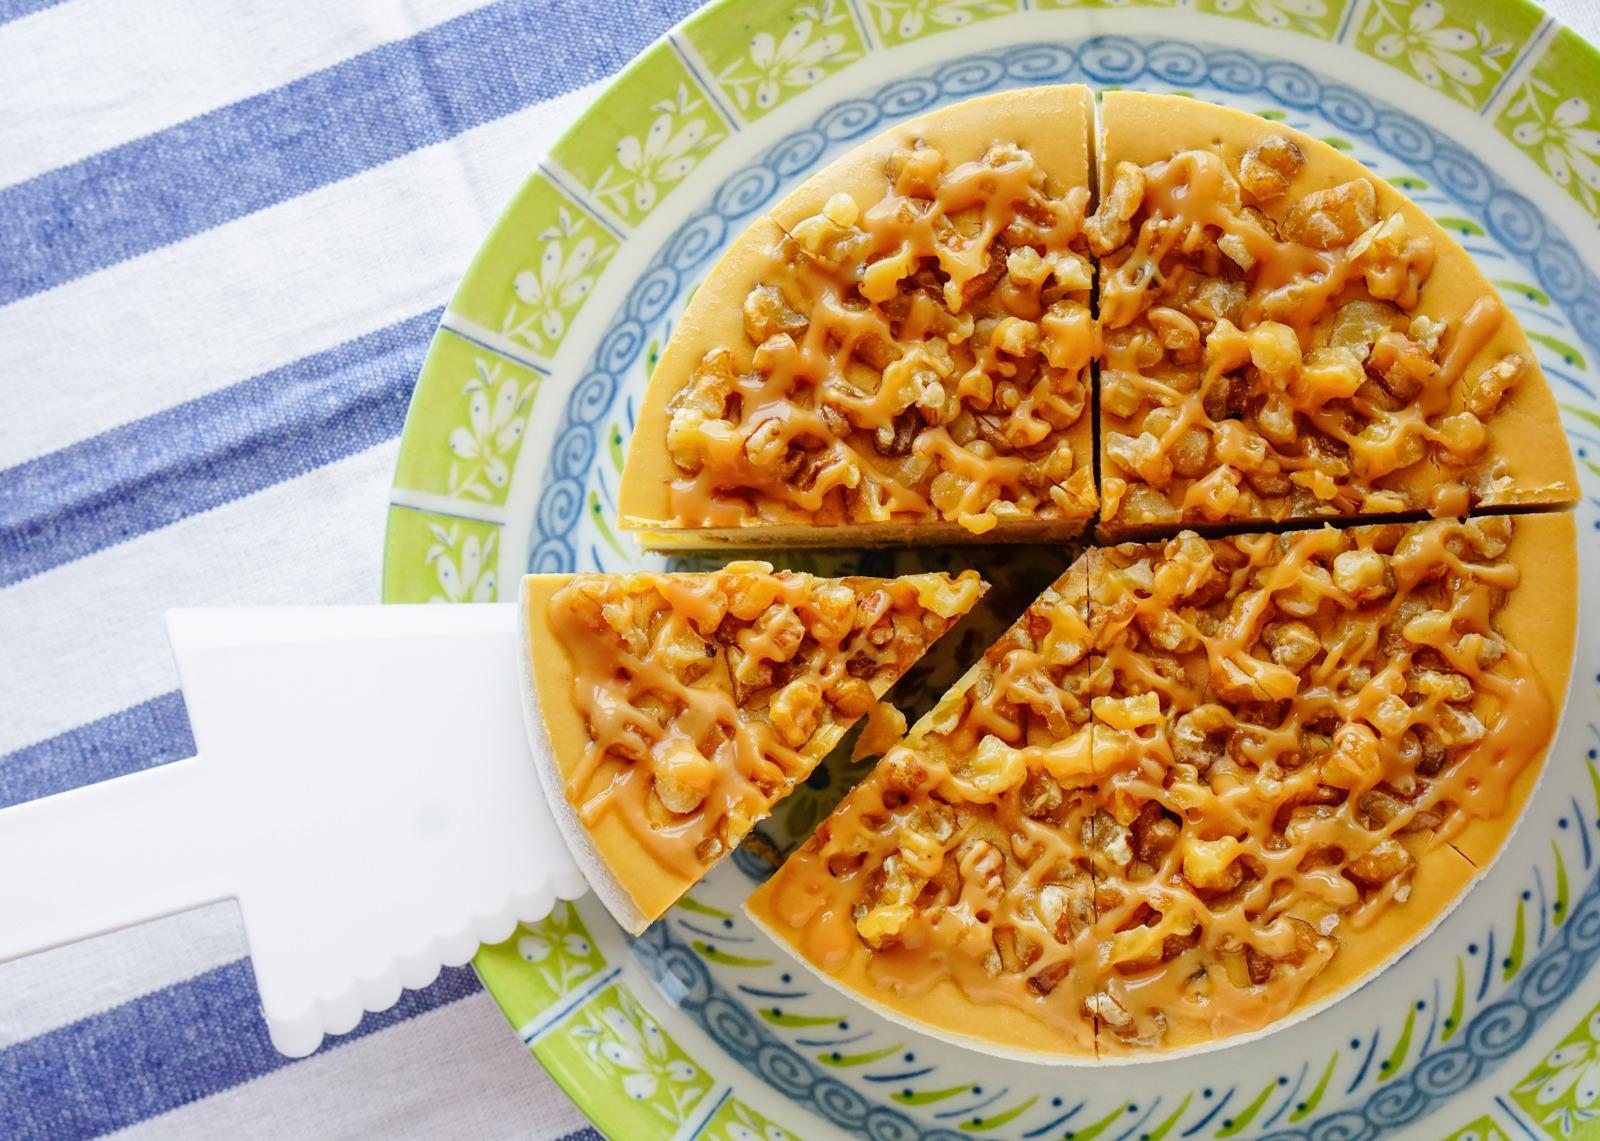 [高雄]品好乳酪蛋糕-乳酪控必吃! 兼具美感與美味的超濃乳酪蛋糕 嚴選名牌食材 宅配團購甜點推薦 @美食好芃友